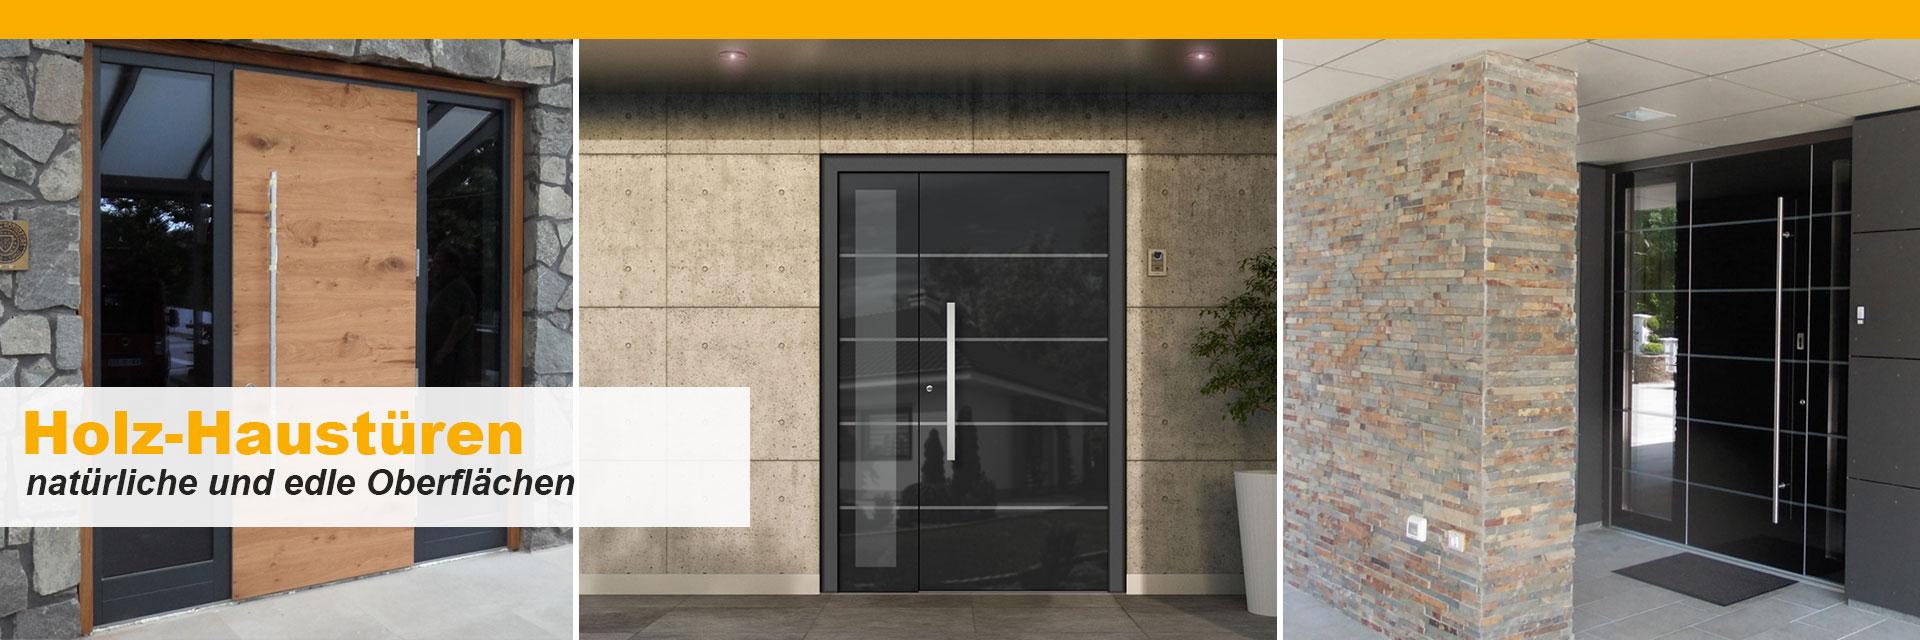 elegante holz haust ren mit schwarzem vetro glas vom fachbetrieb mit aufma lieferung und montage. Black Bedroom Furniture Sets. Home Design Ideas